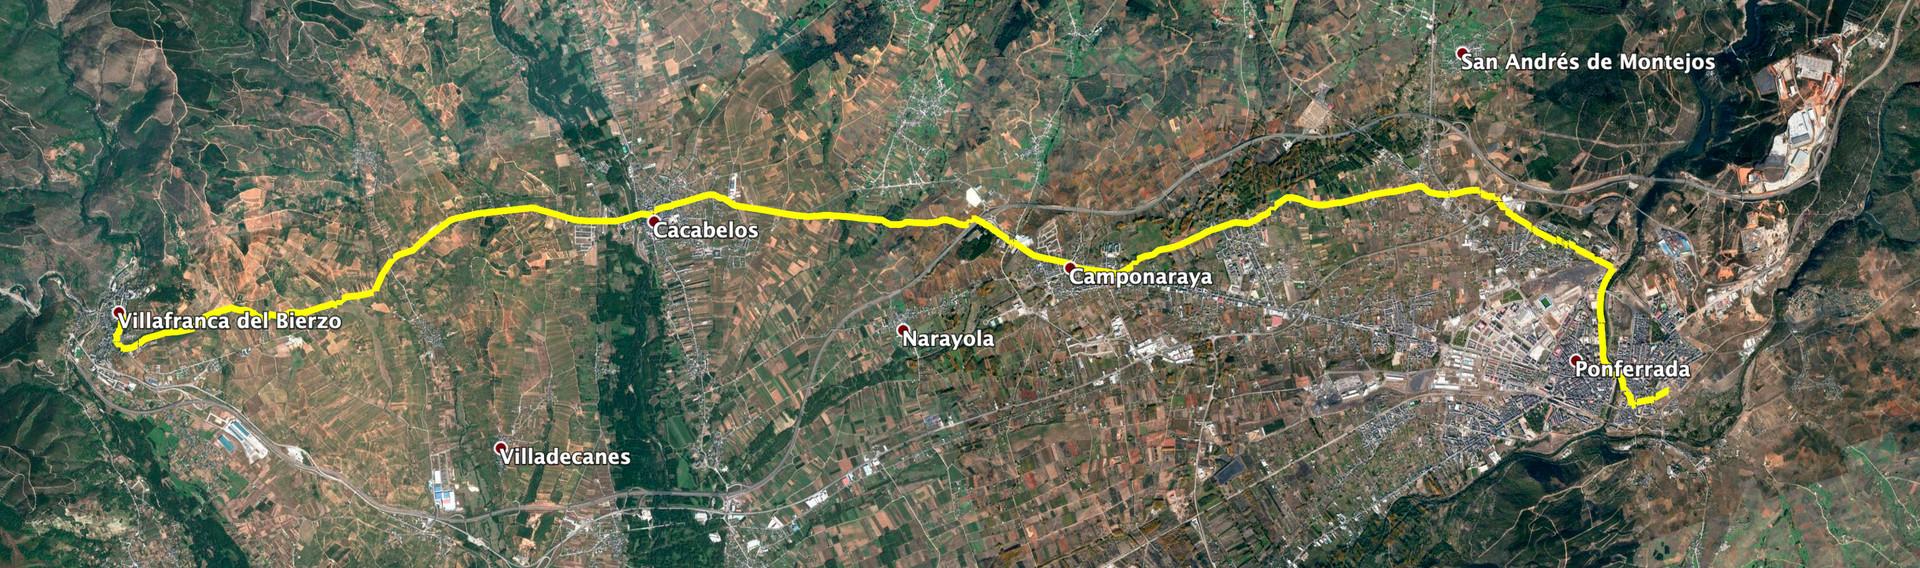 CF Day 25 Map.jpg